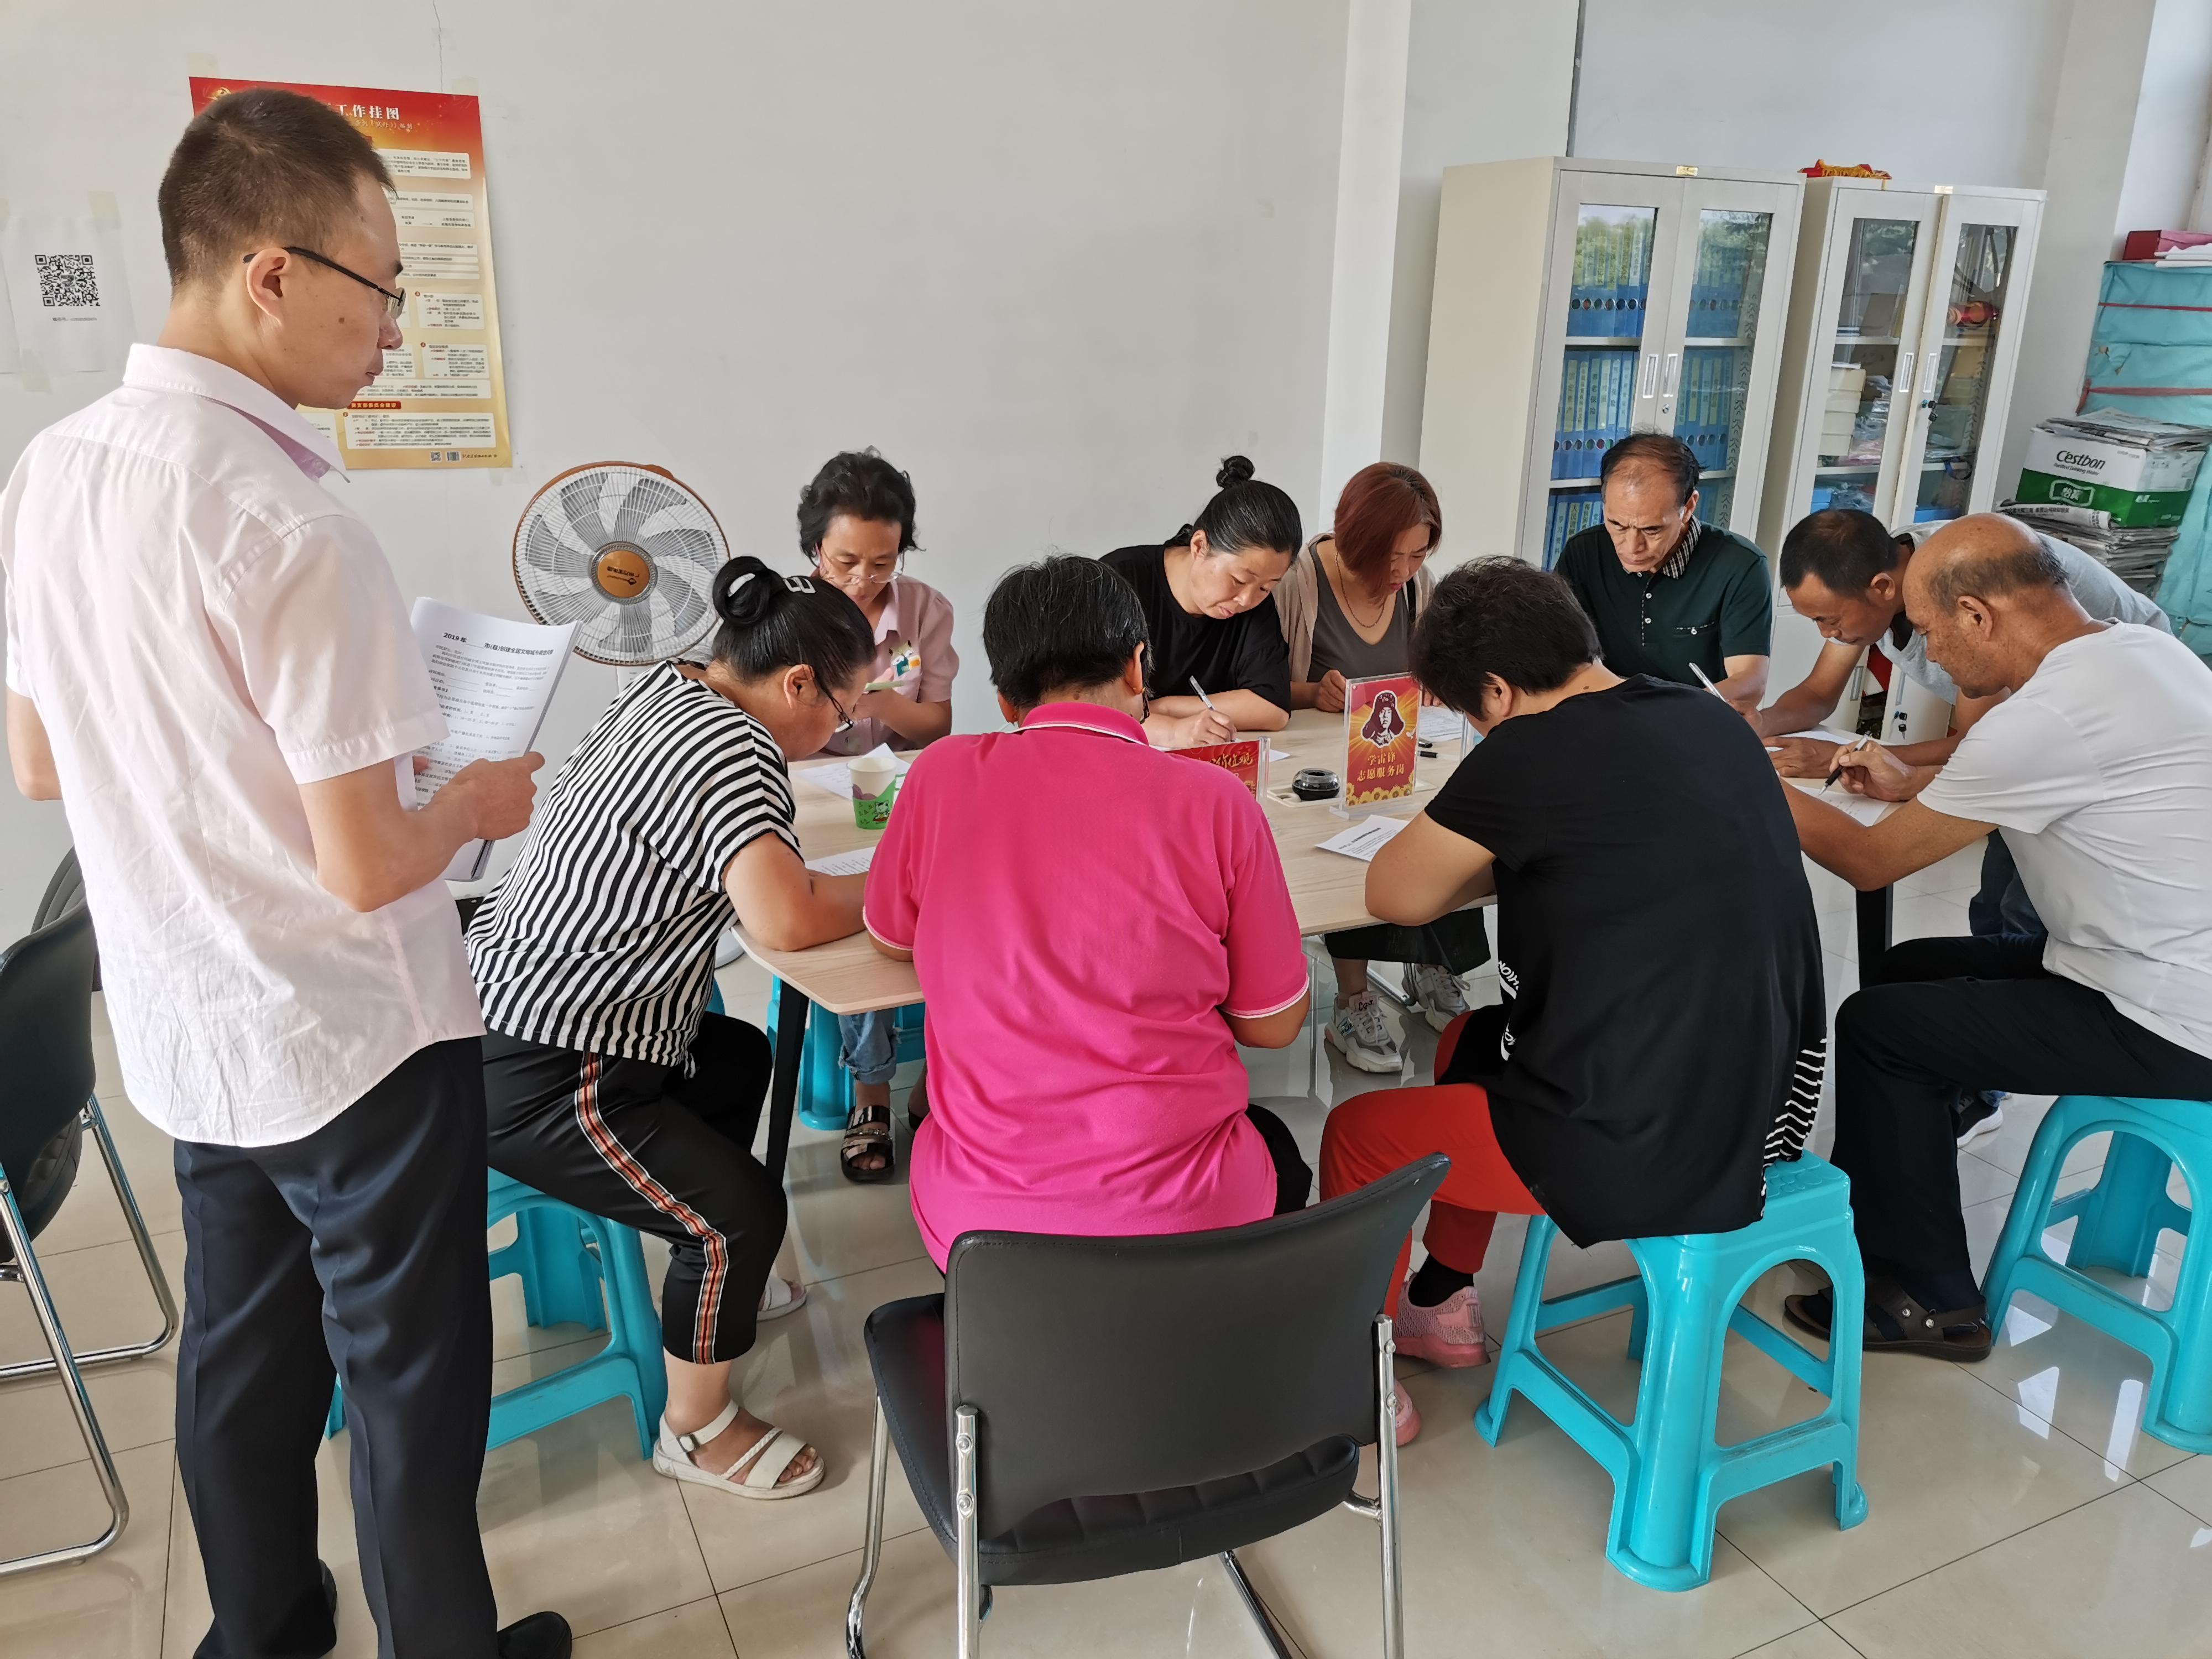 晋城高平市引入山西麦思德第三方评估公司测评文明城市创建工作